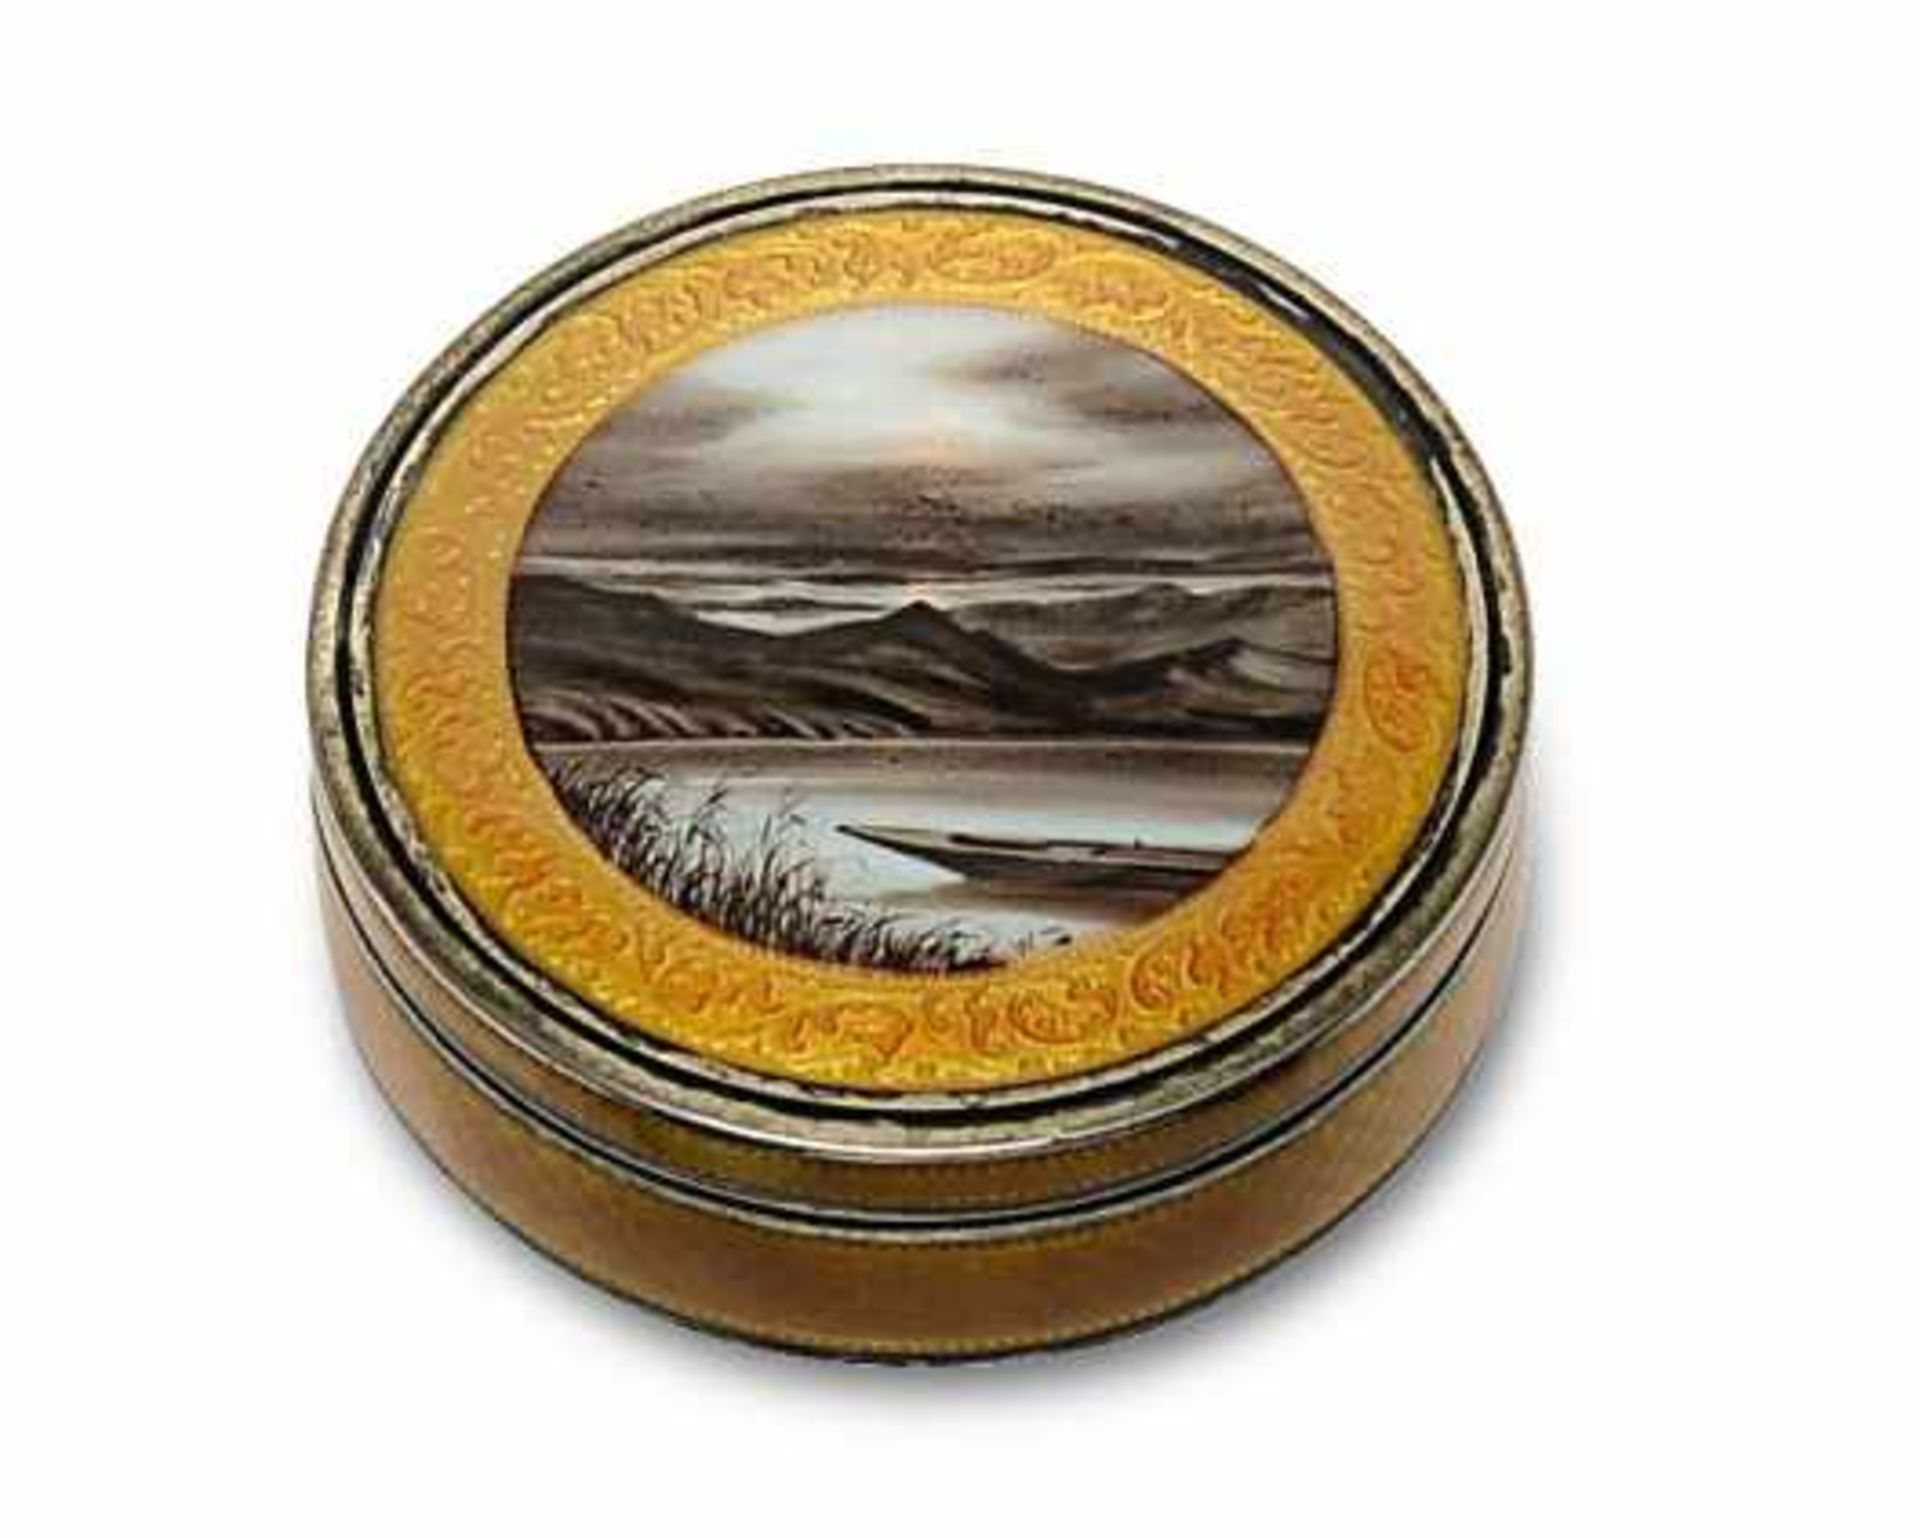 Los 24 - DoseFrankreich, Anfang 20. Jh. Silber, allseitig guillochiert, Seiten und Deckel mit honigfarbenem